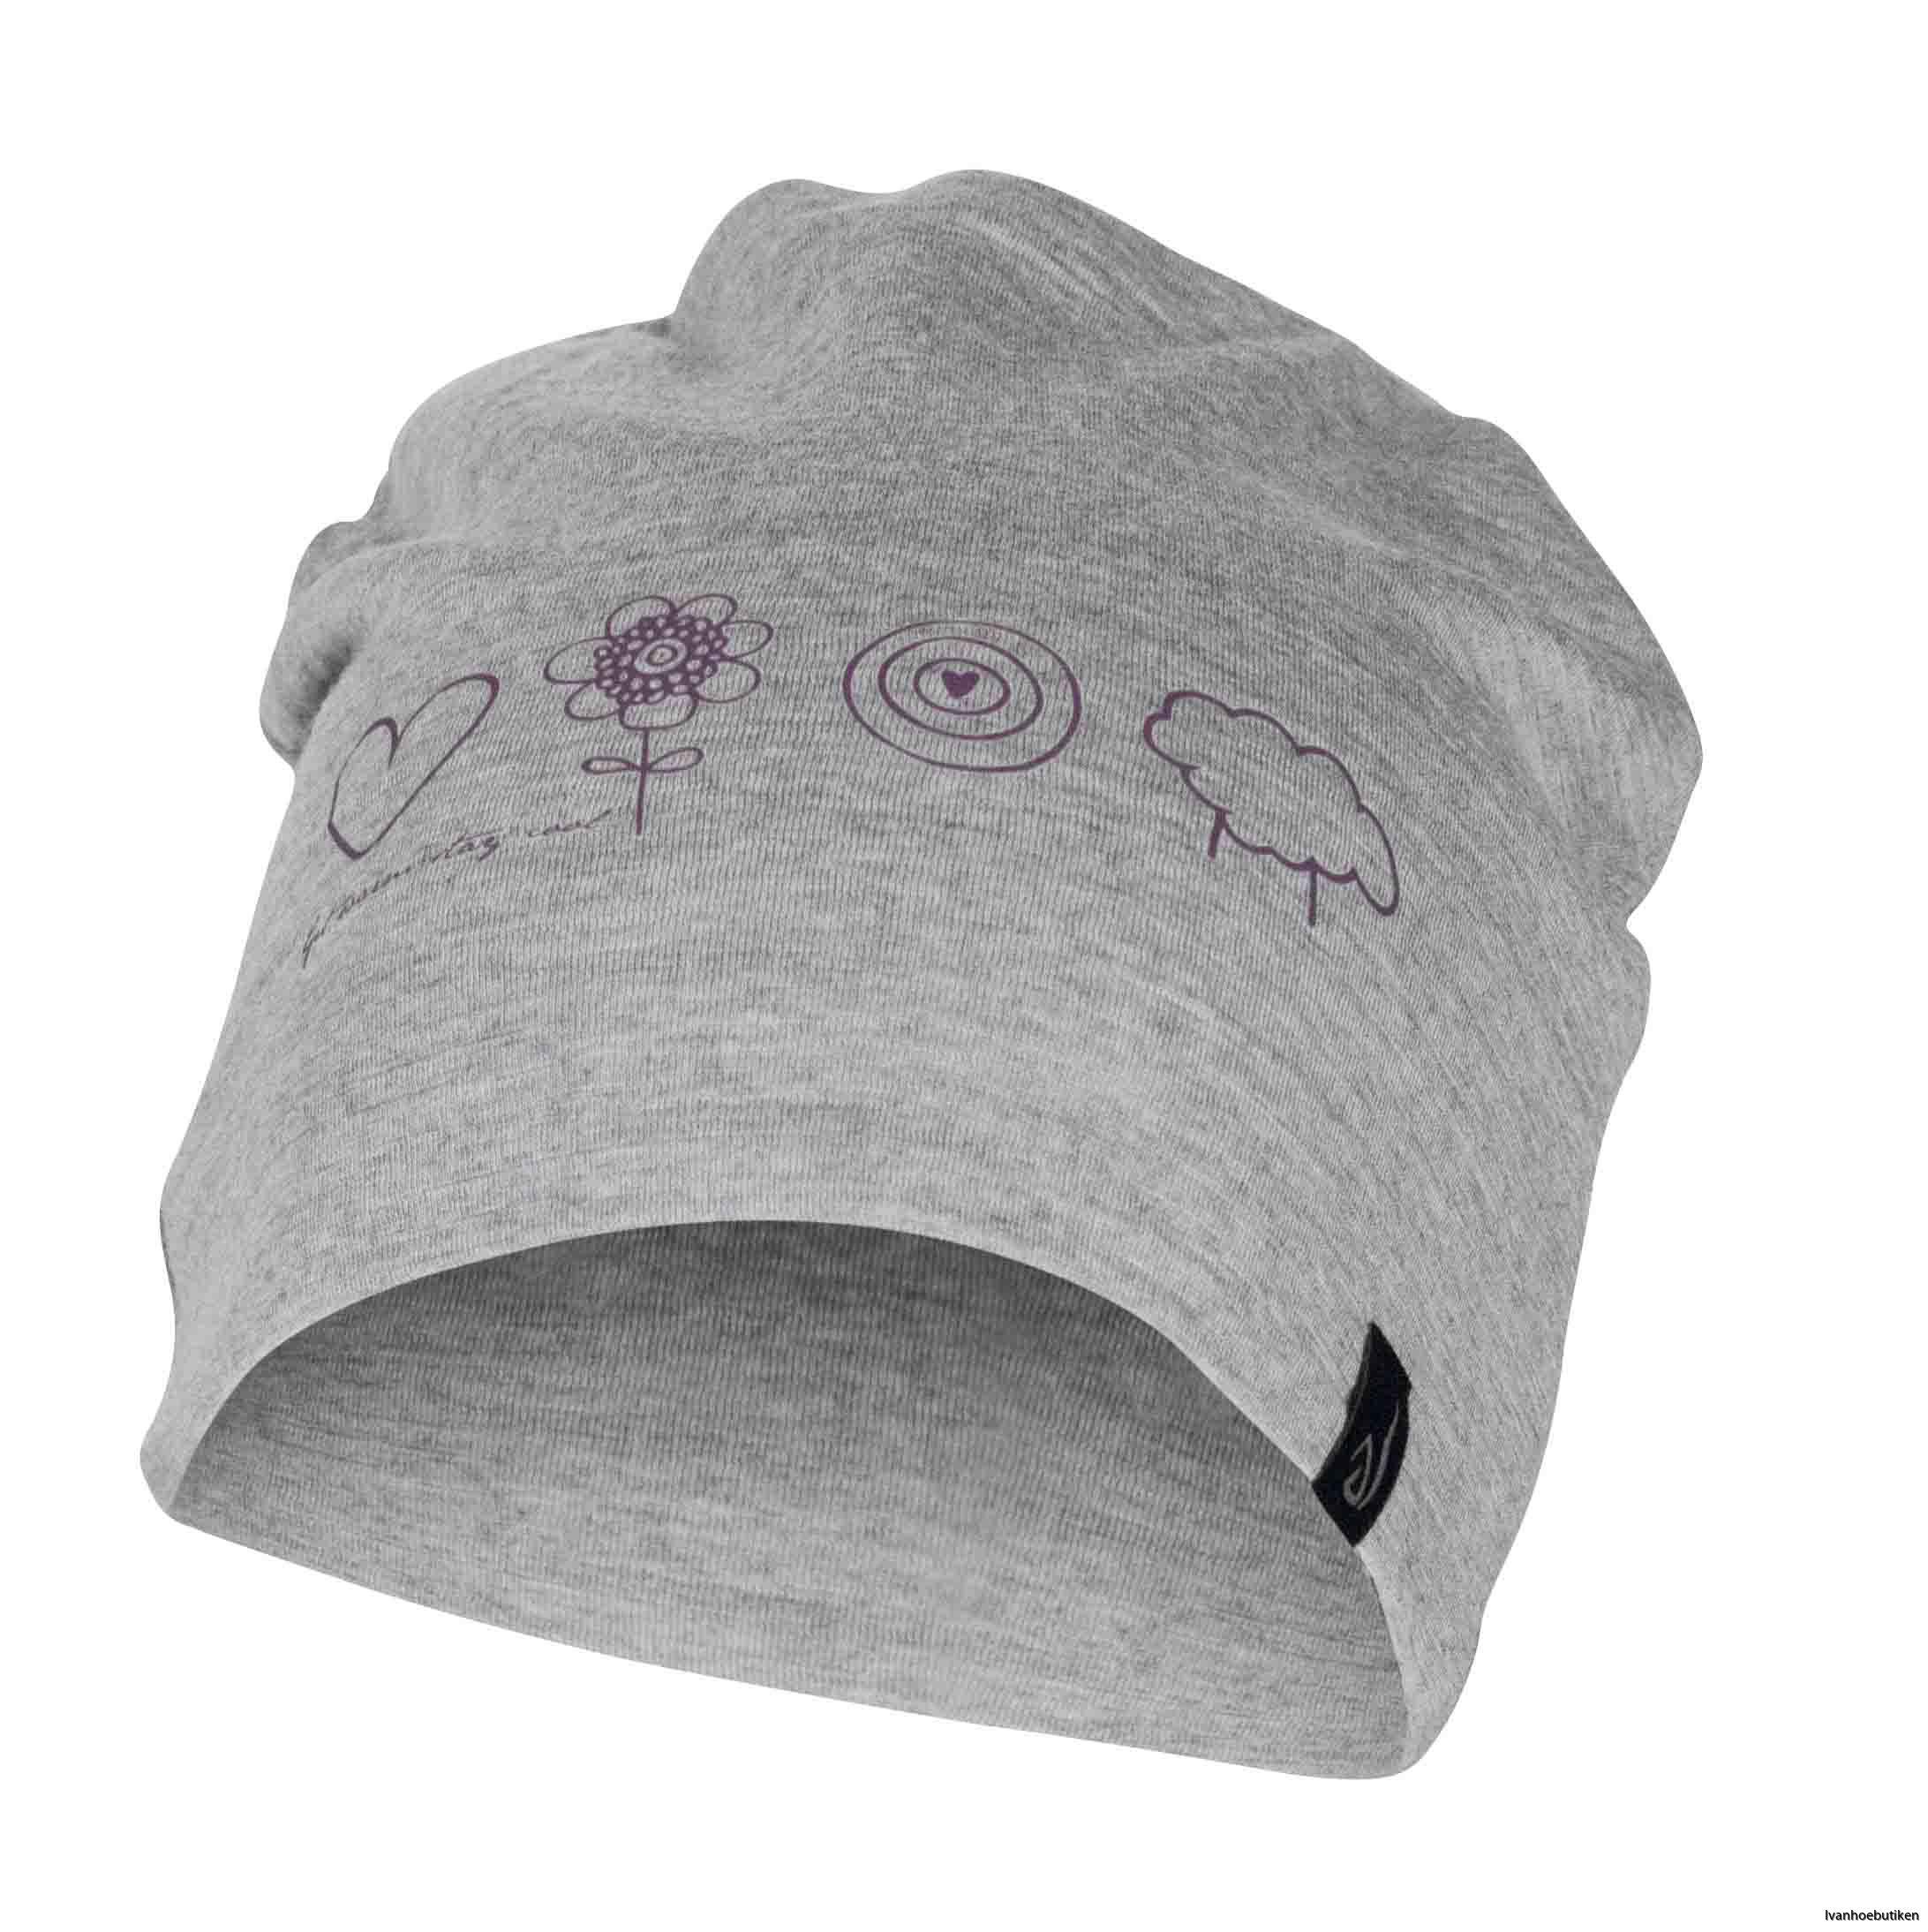 UW_Hat_Symbols_020